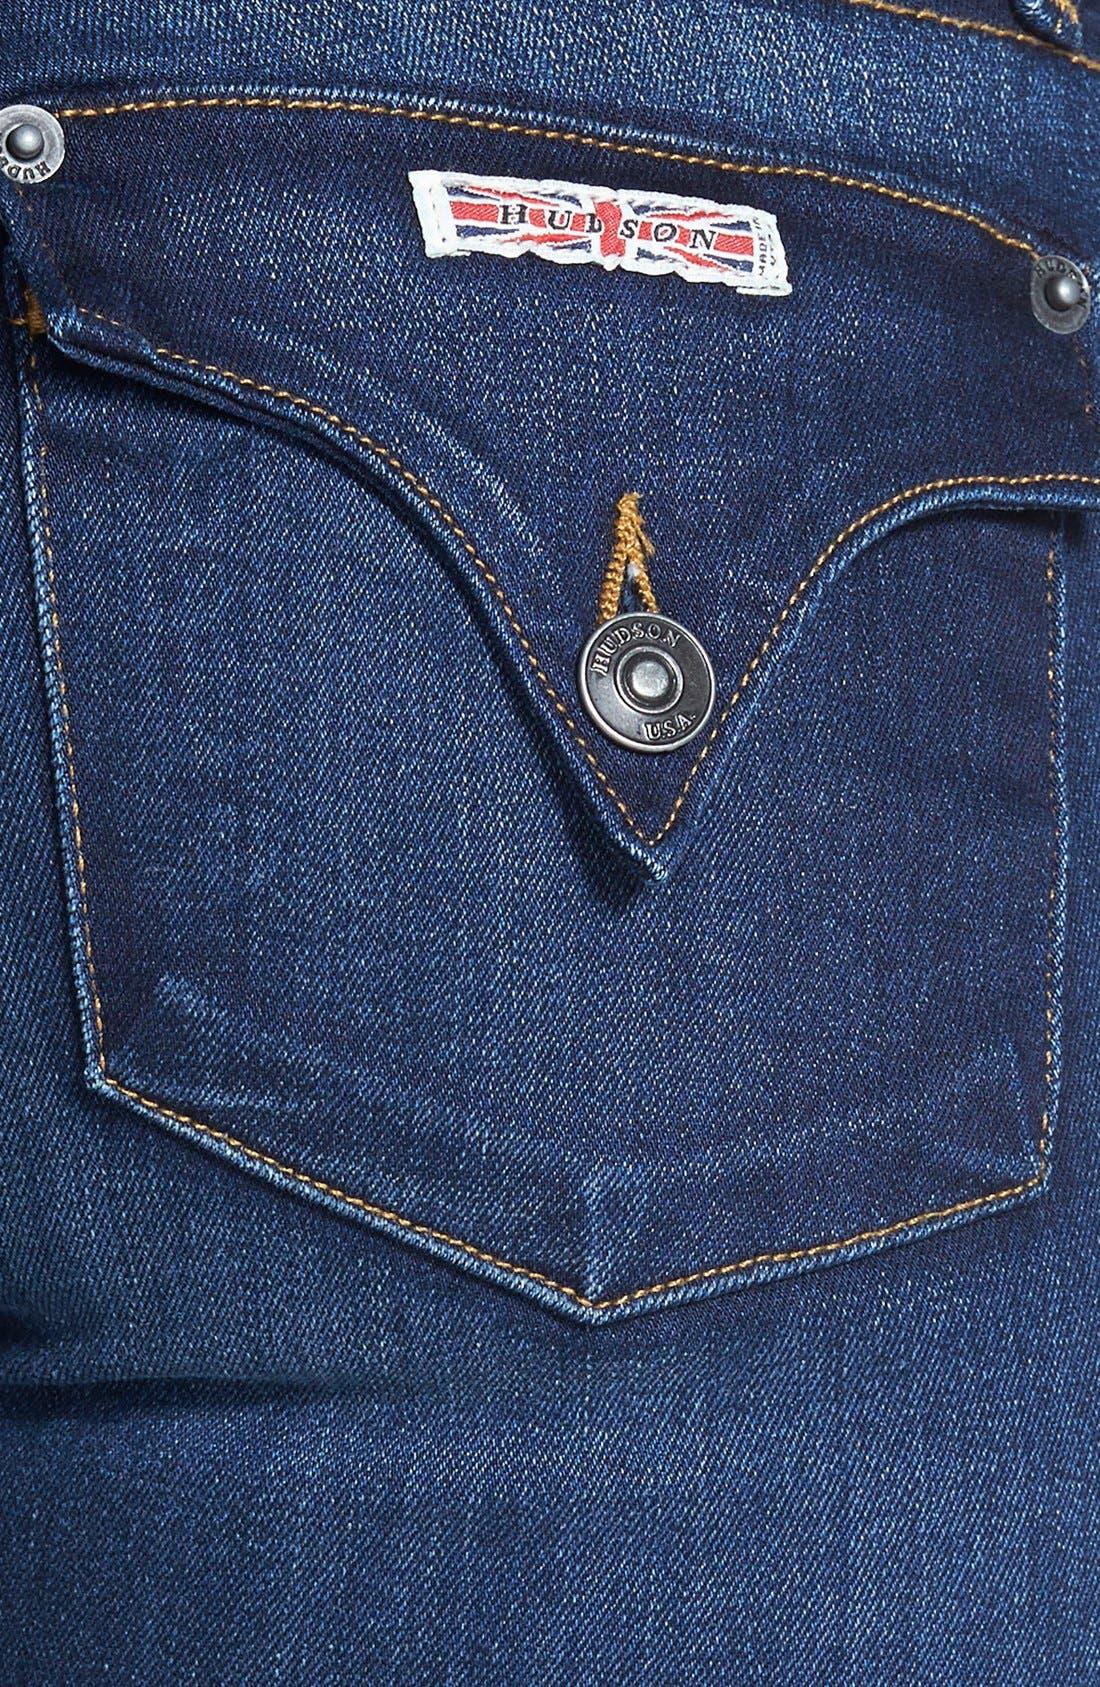 'Collin' Supermodel Skinny Jeans,                             Alternate thumbnail 2, color,                             REVELATION